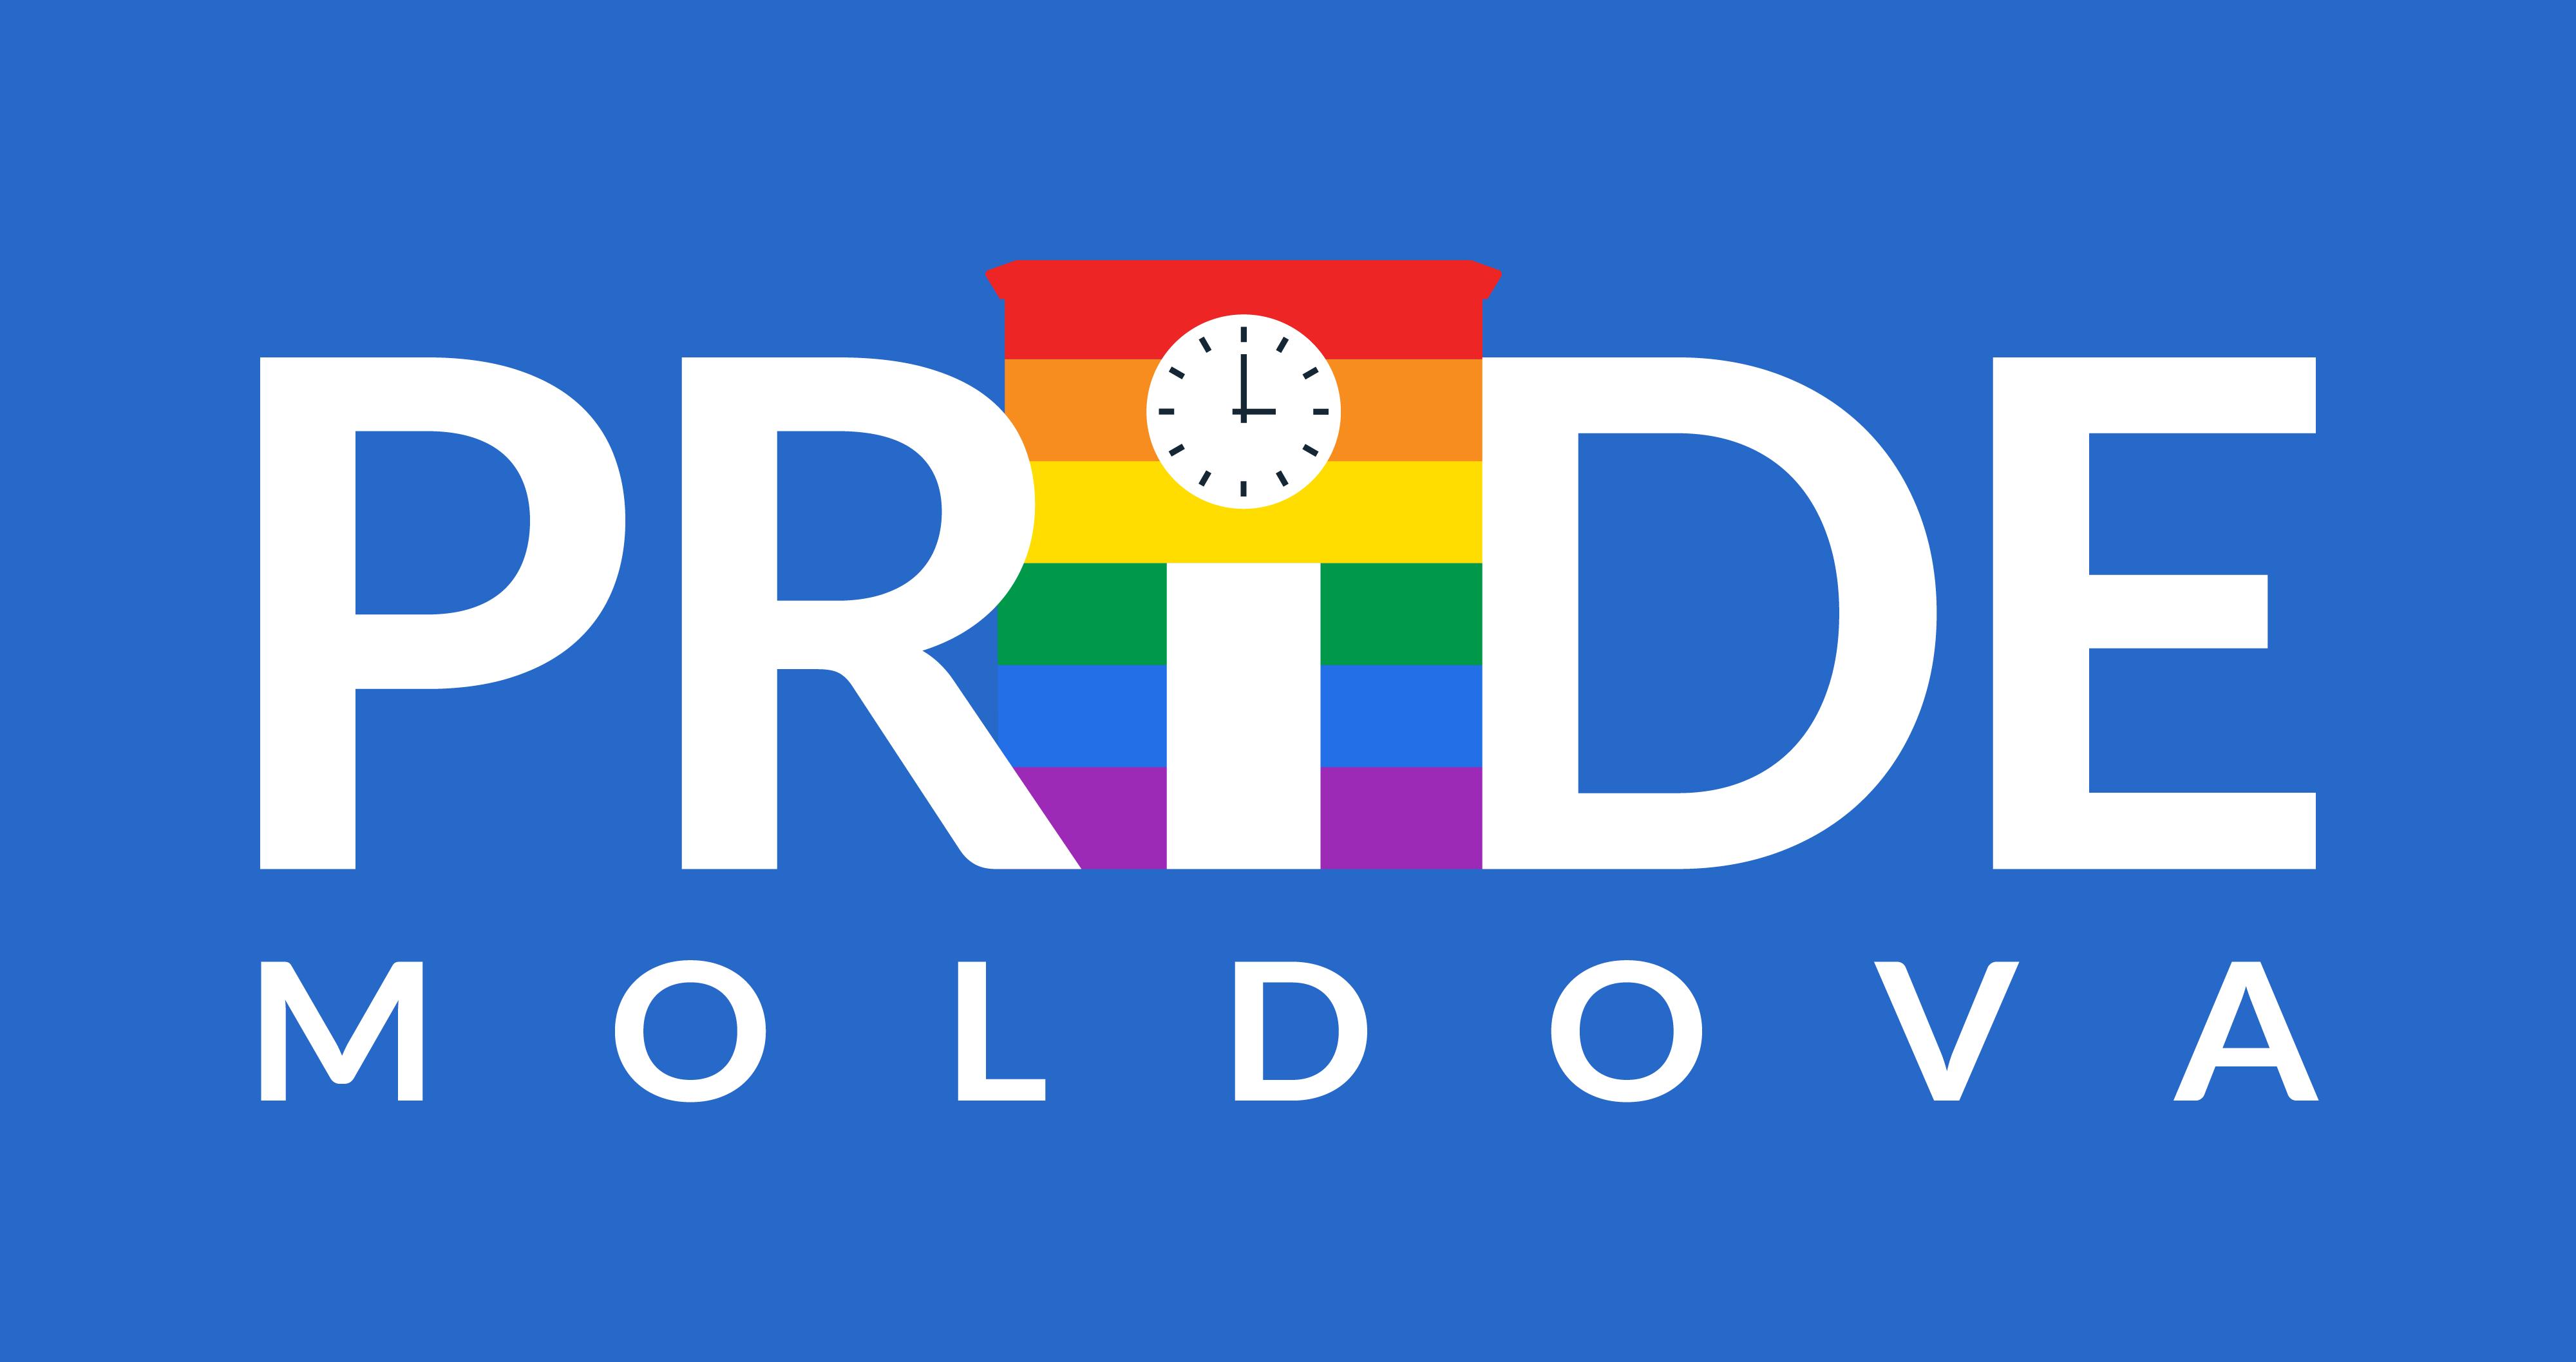 ЛГБТ-марш пройдет улицами столицы Молдовы в воскресенье